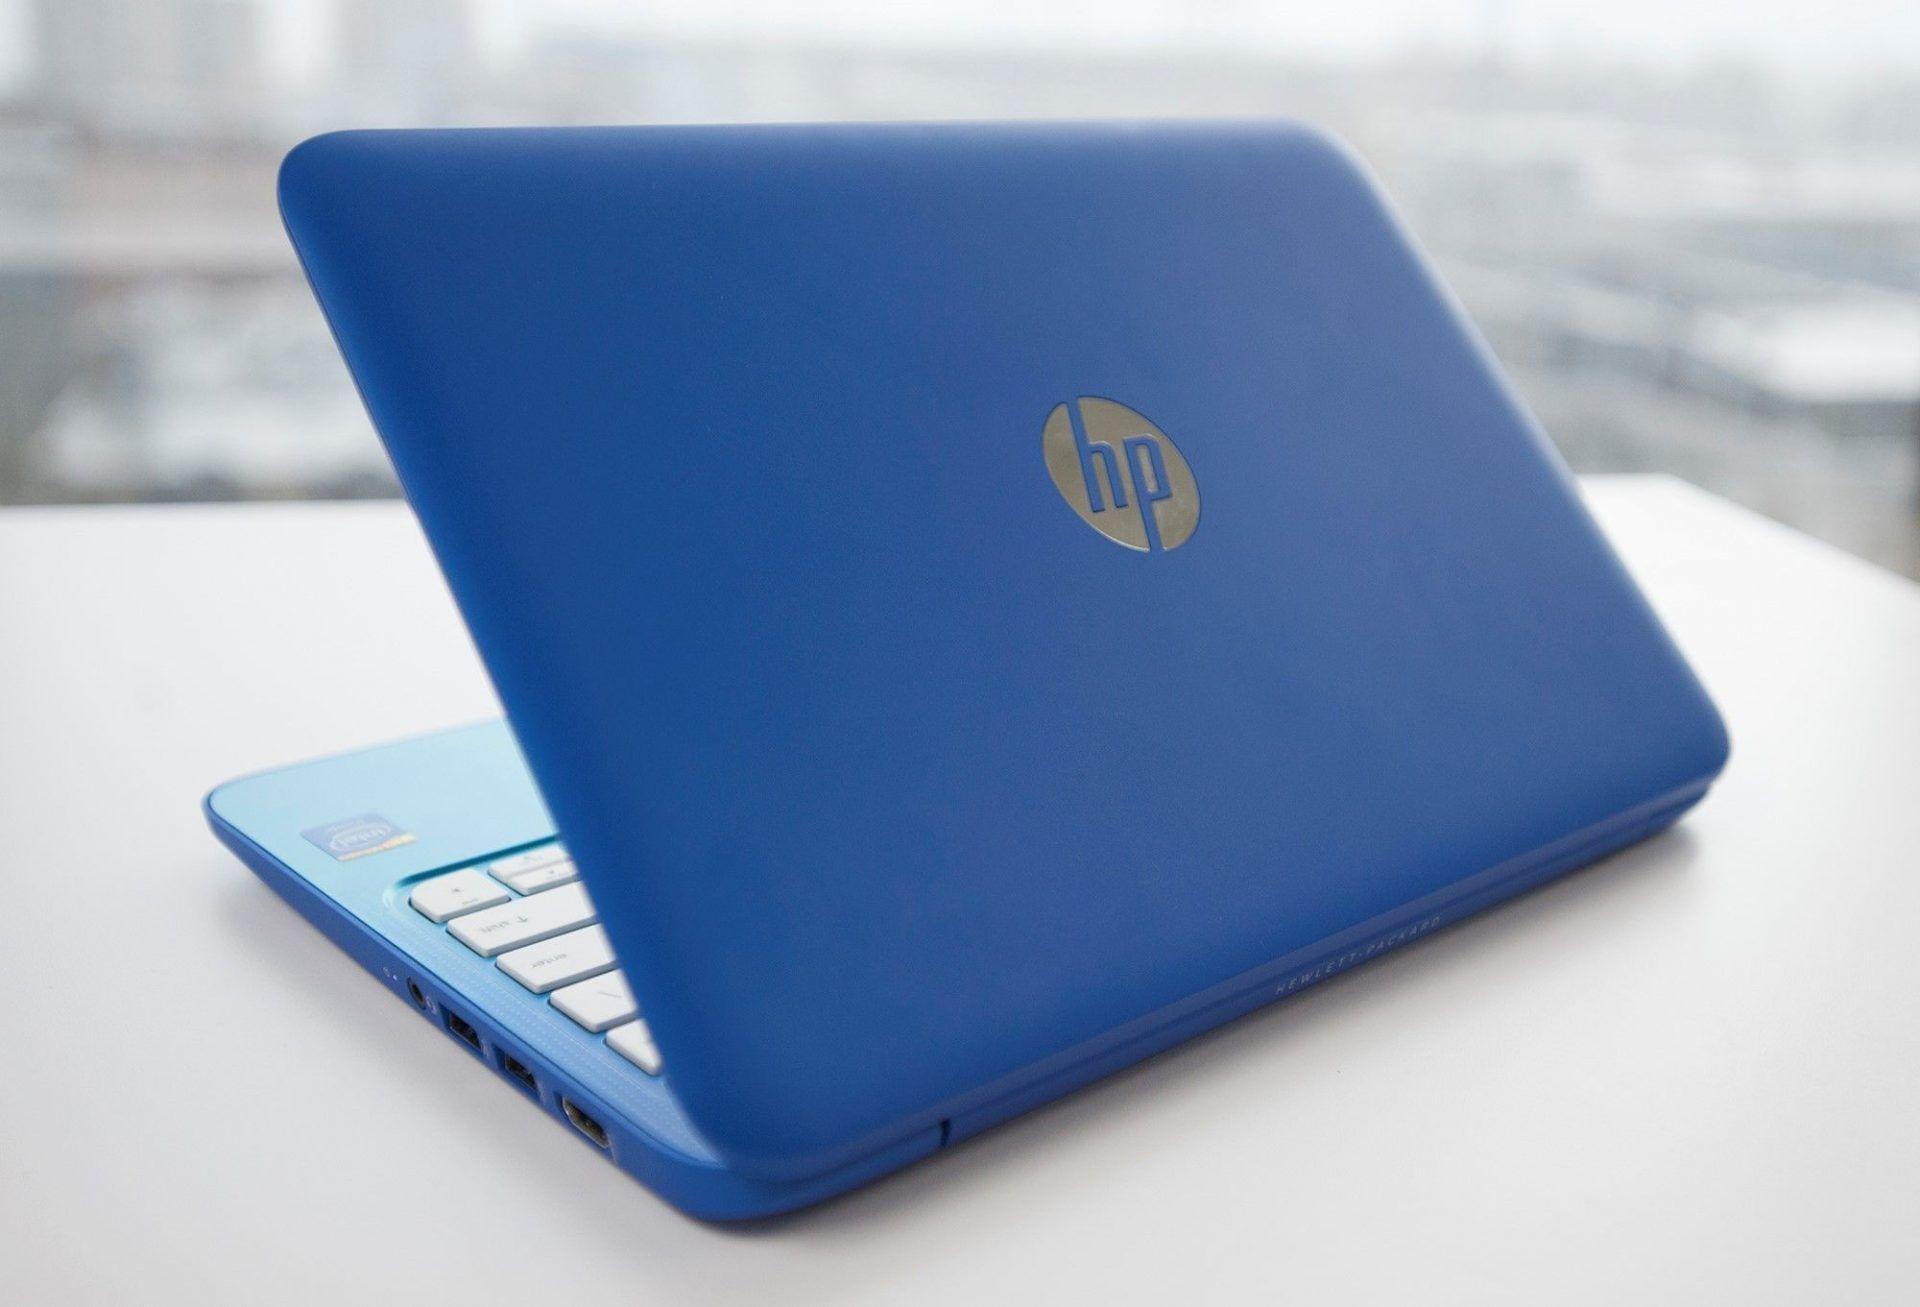 Reparación de laptops HP | Hoolboox Hardware & Software